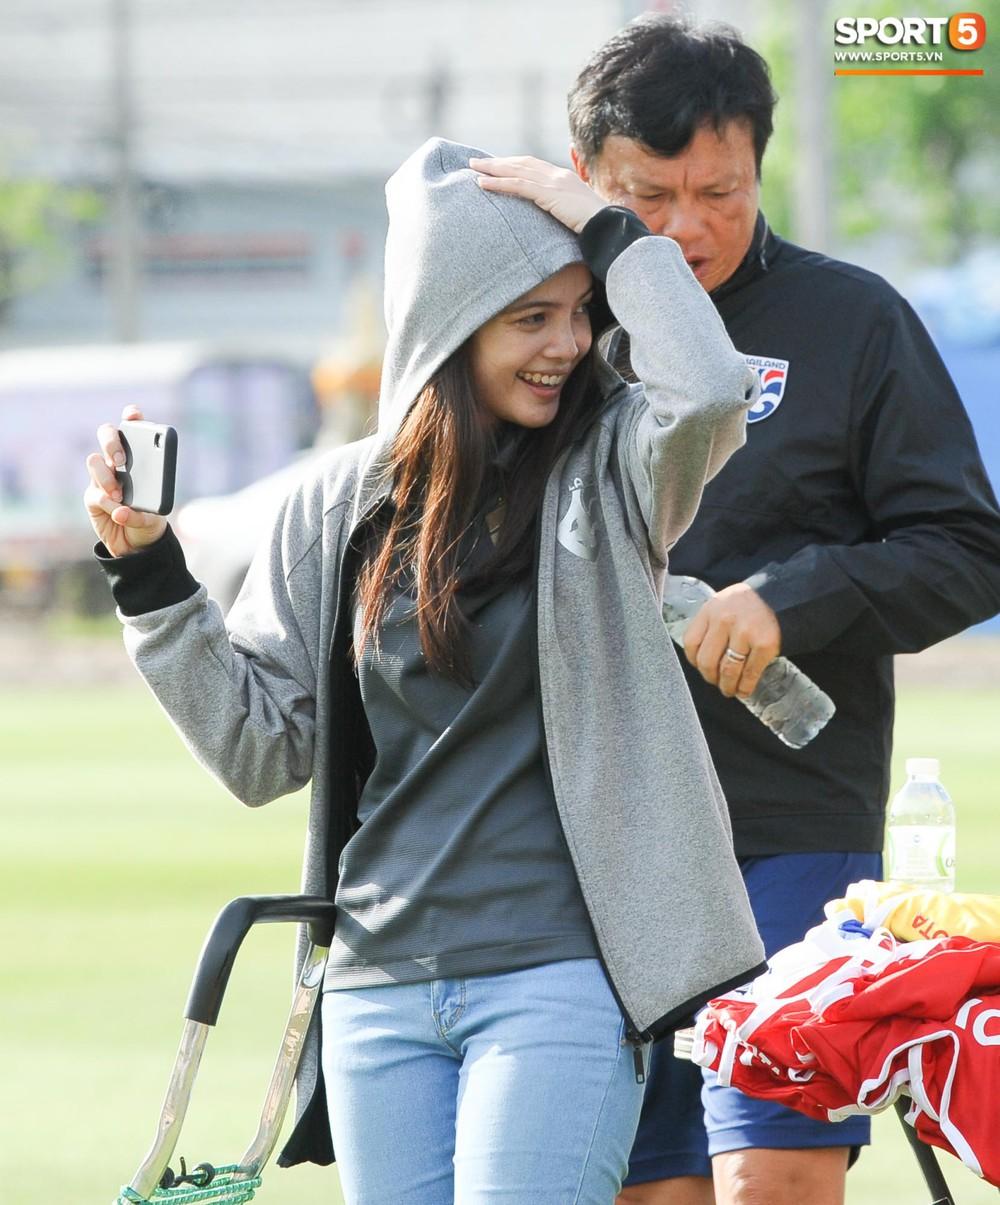 Nữ phóng viên Thái Lan xinh đẹp thích Xuân Trường nhưng tin tưởng 100% đội chủ nhà sẽ thắng Việt Nam ở Kings Cup - Ảnh 5.